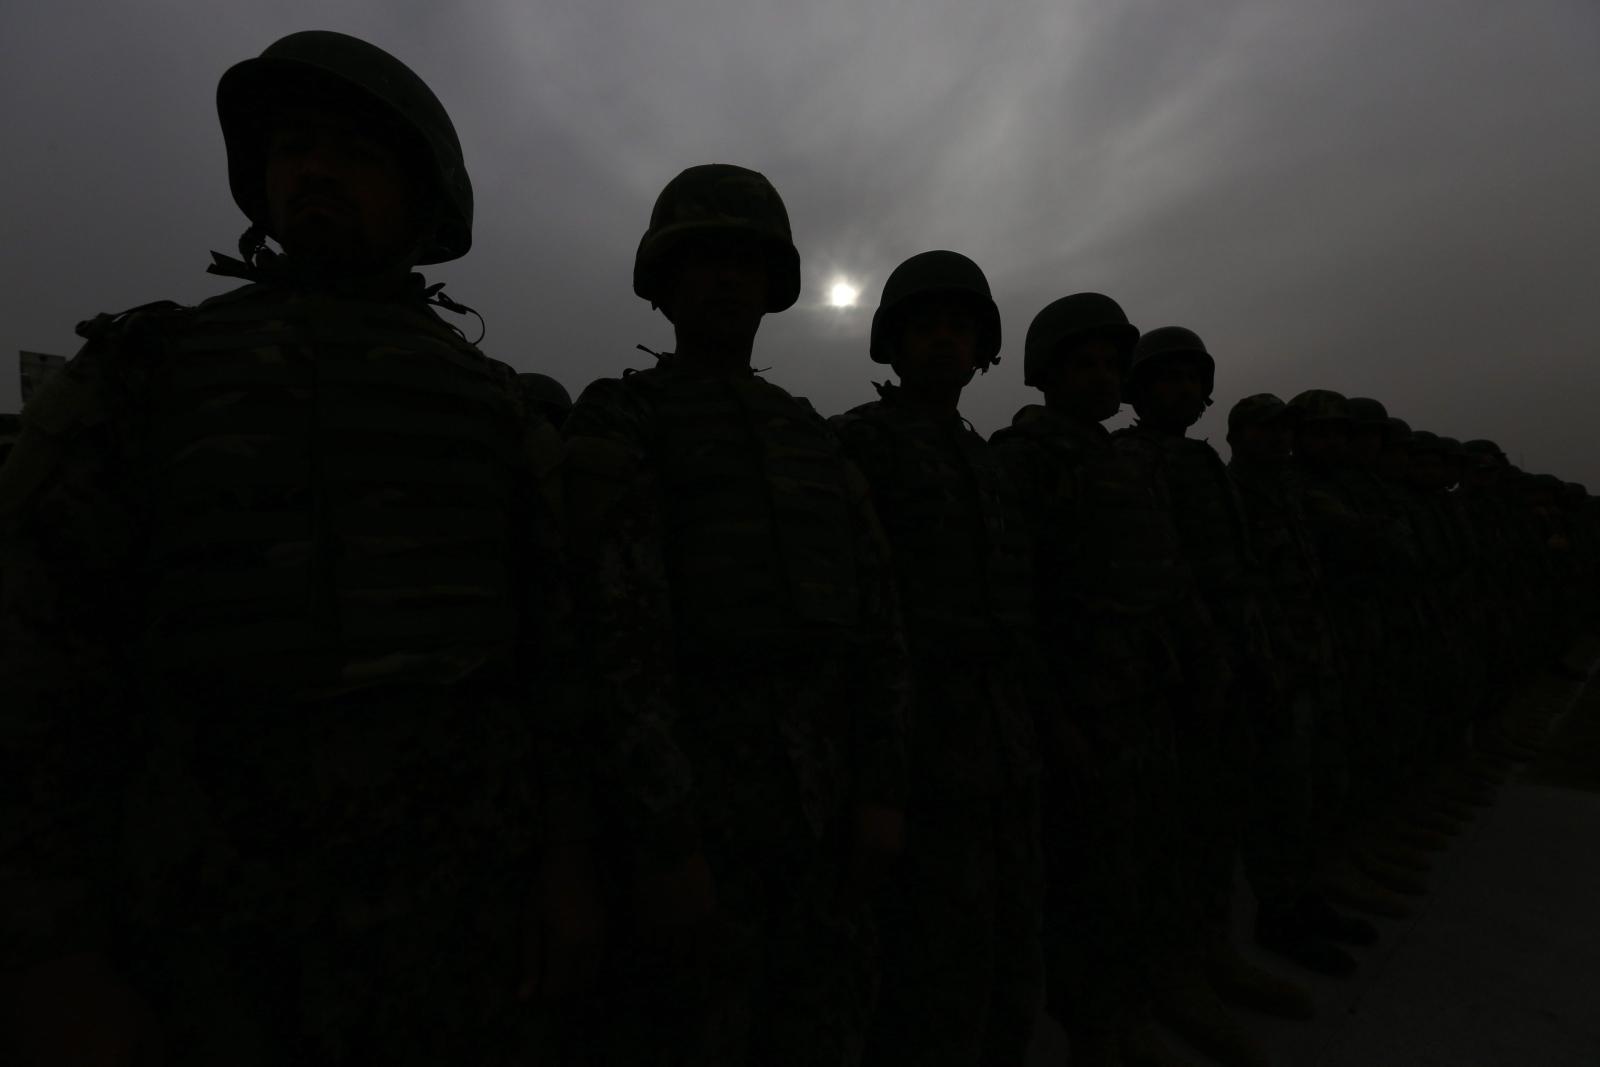 Sylwetki afgańskich żołnierzy biorących udział w uroczystości zmiany dowódcy.